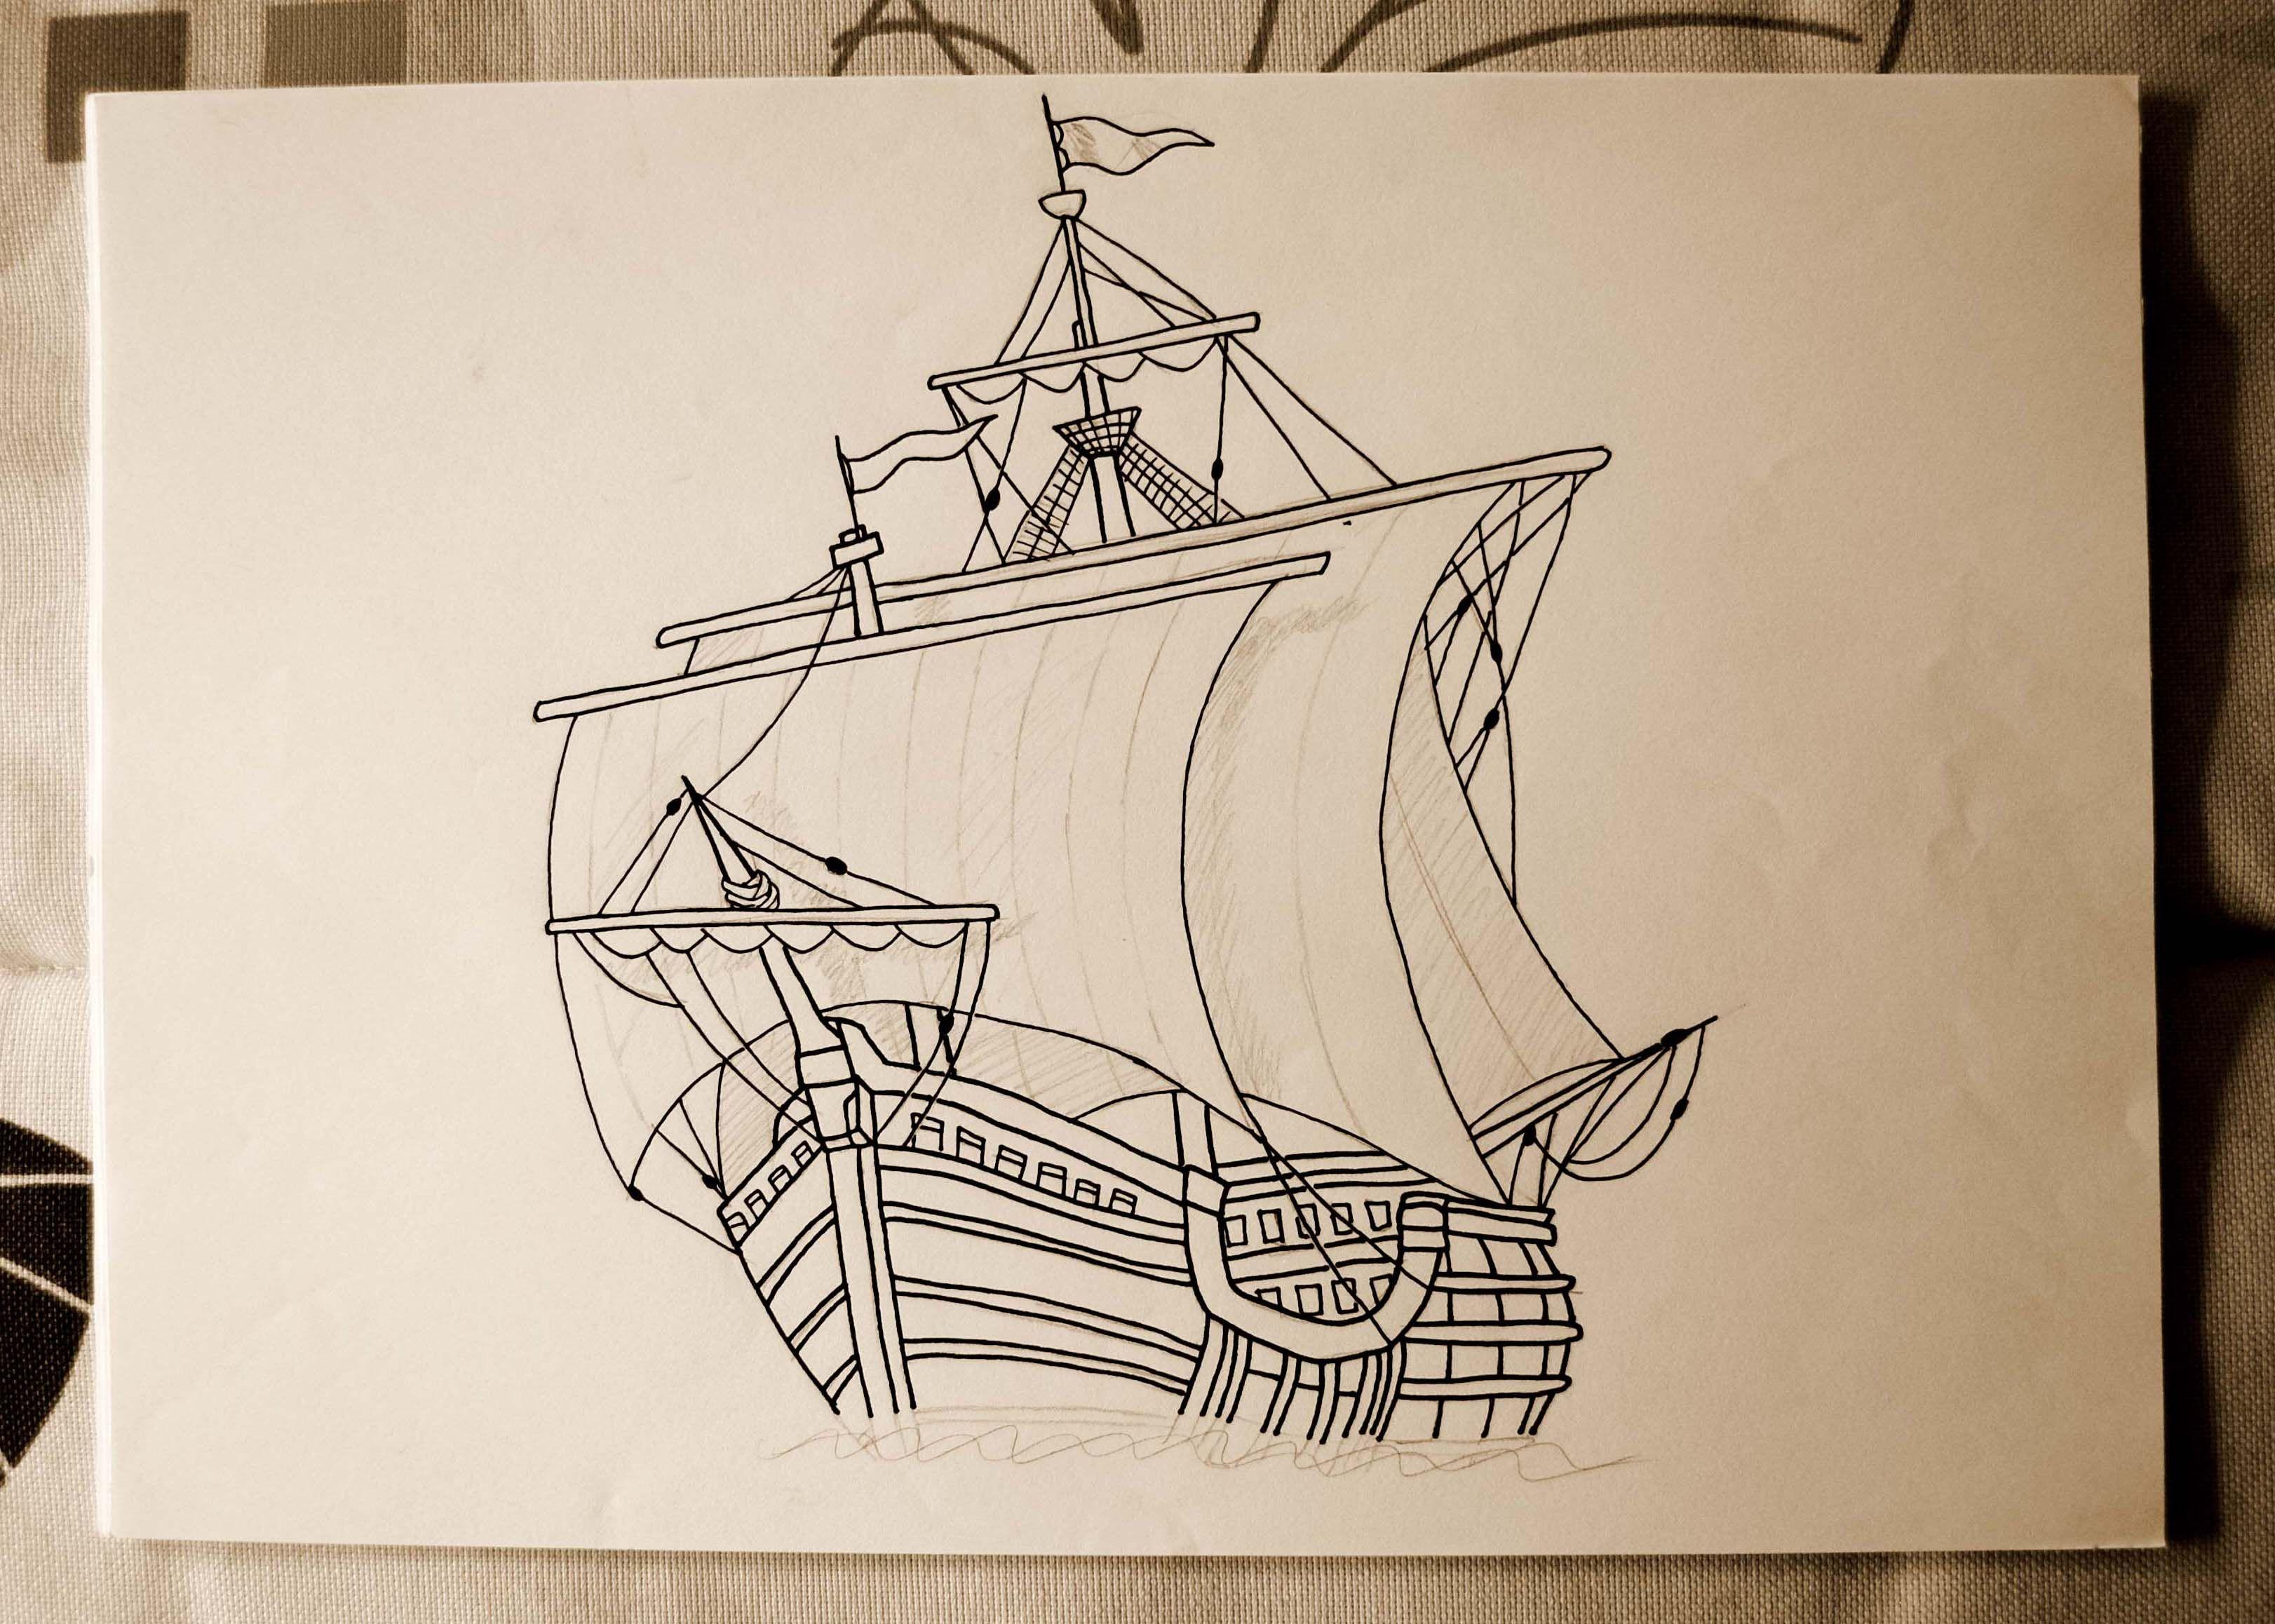 3244x2316 Dibujo De Una Carabela 1 Drawing Of A Caravel 1. Ilustracion De